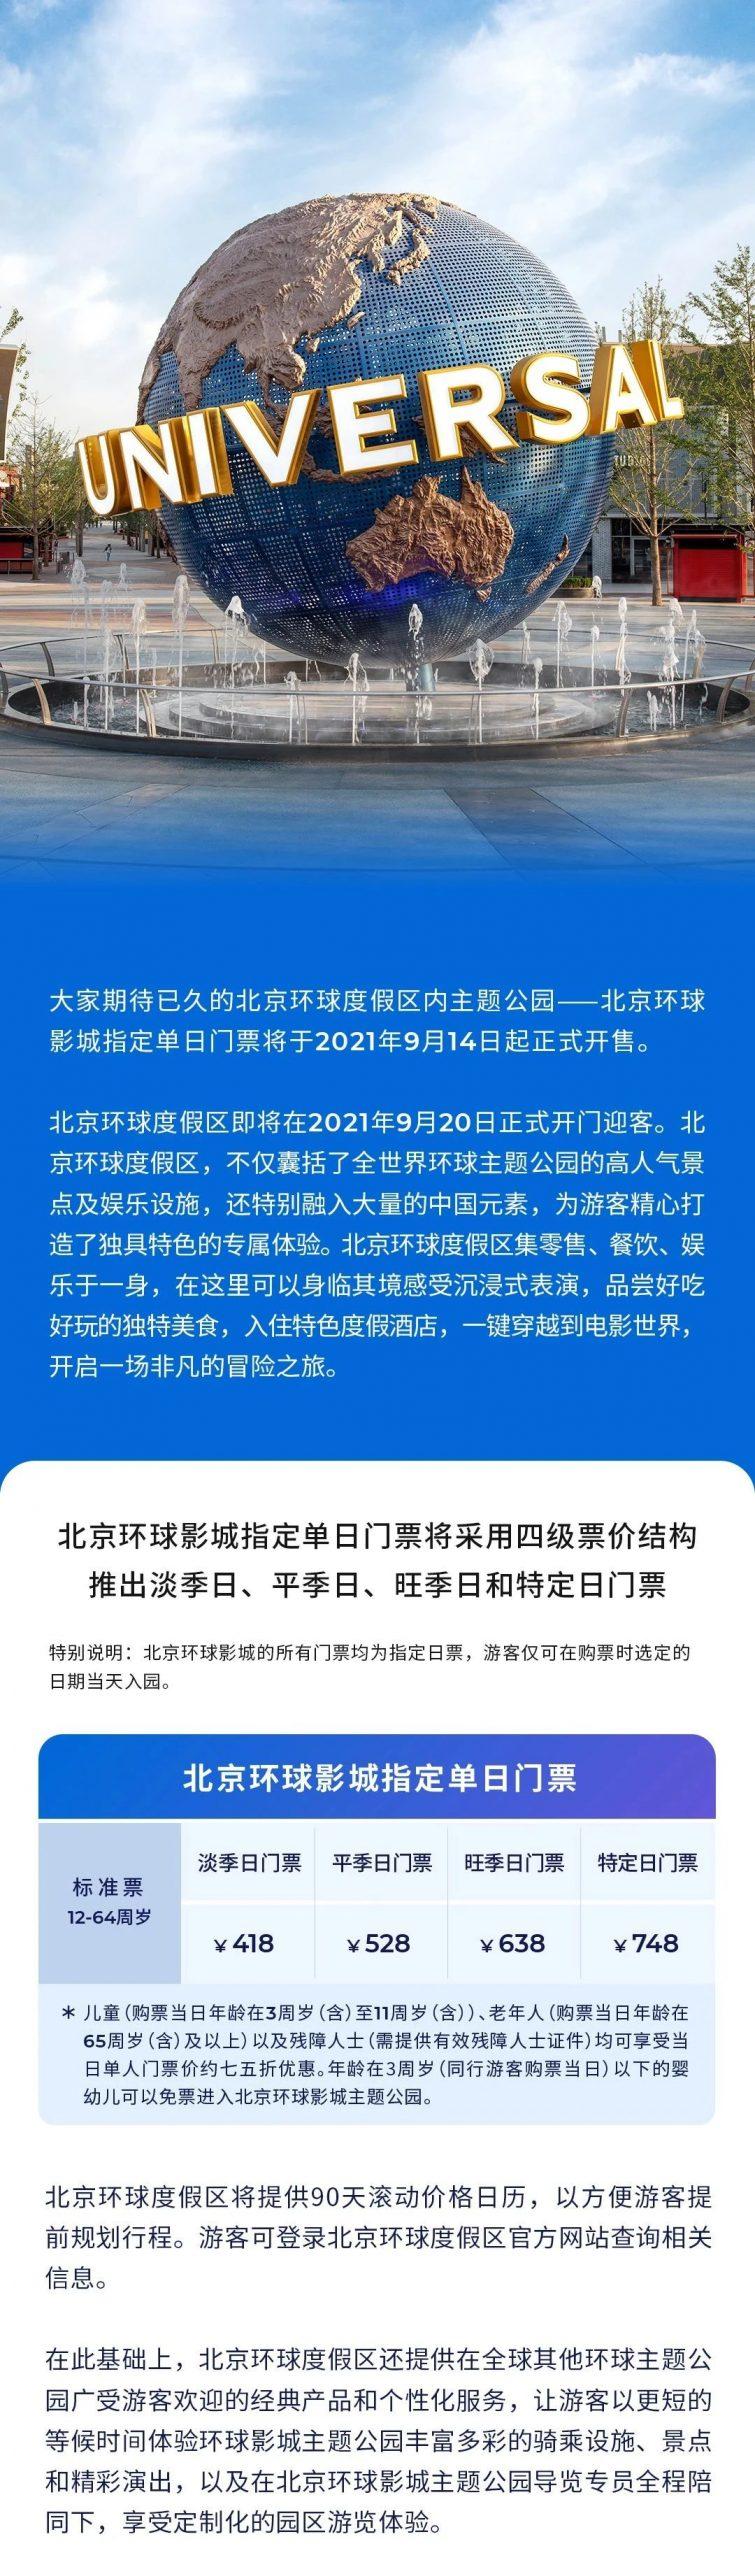 北京环球影城票价公布!9月14日起开放预订!